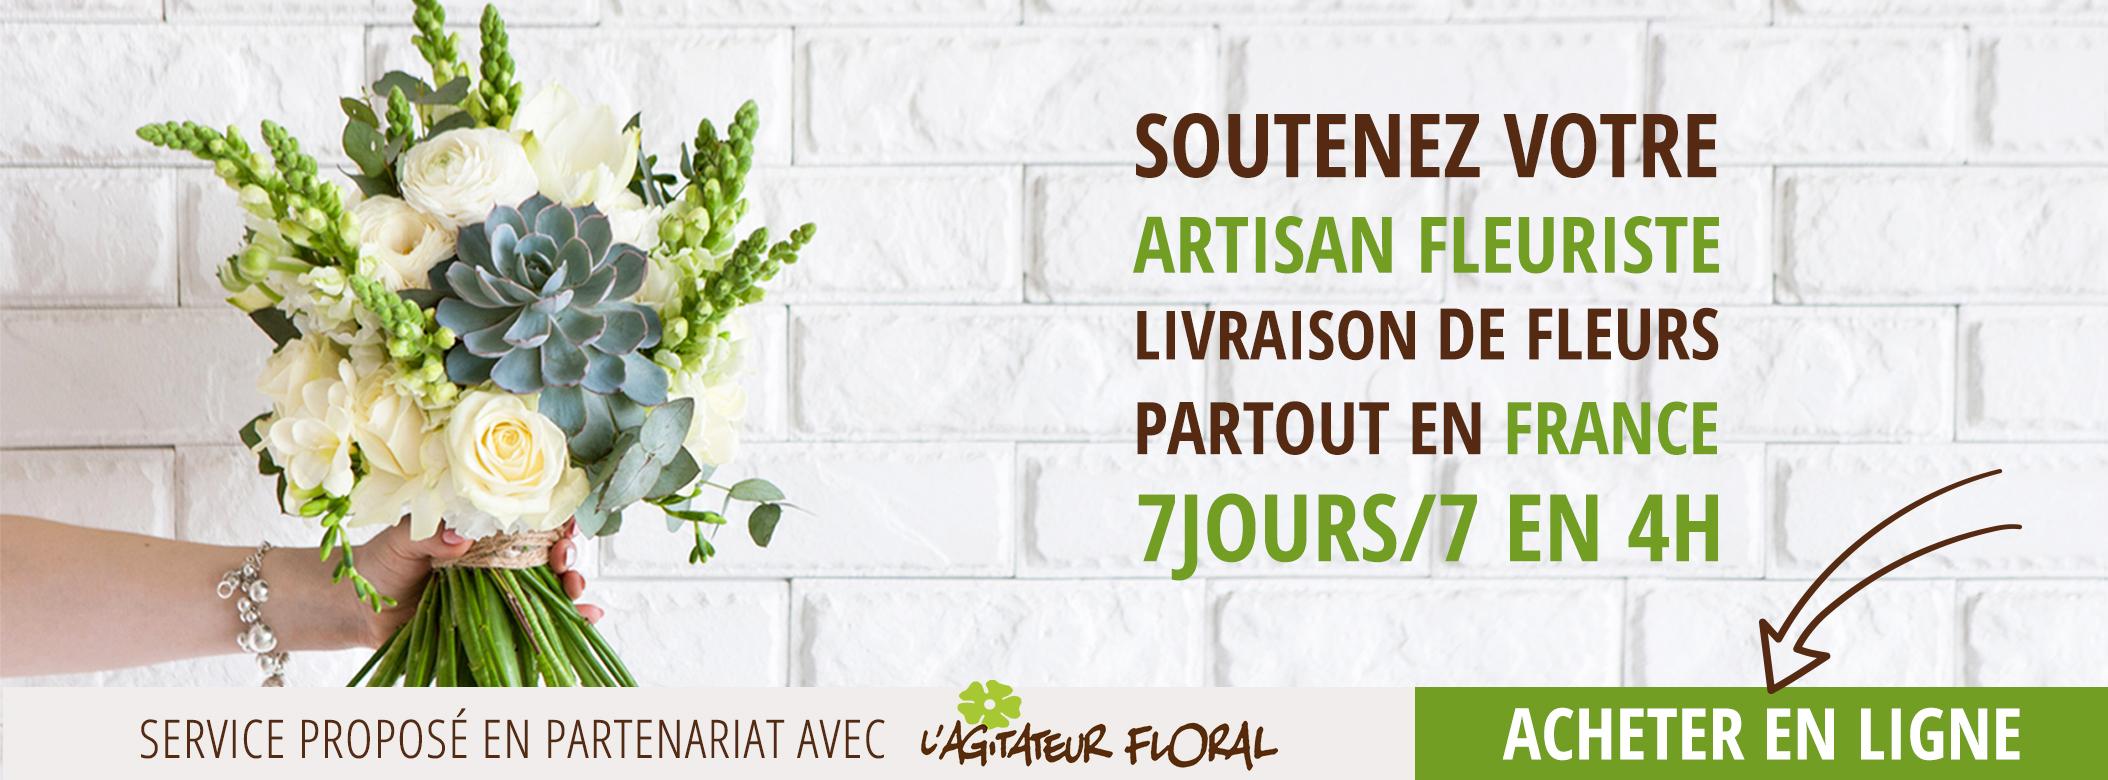 Livraison de fleurs partout en France